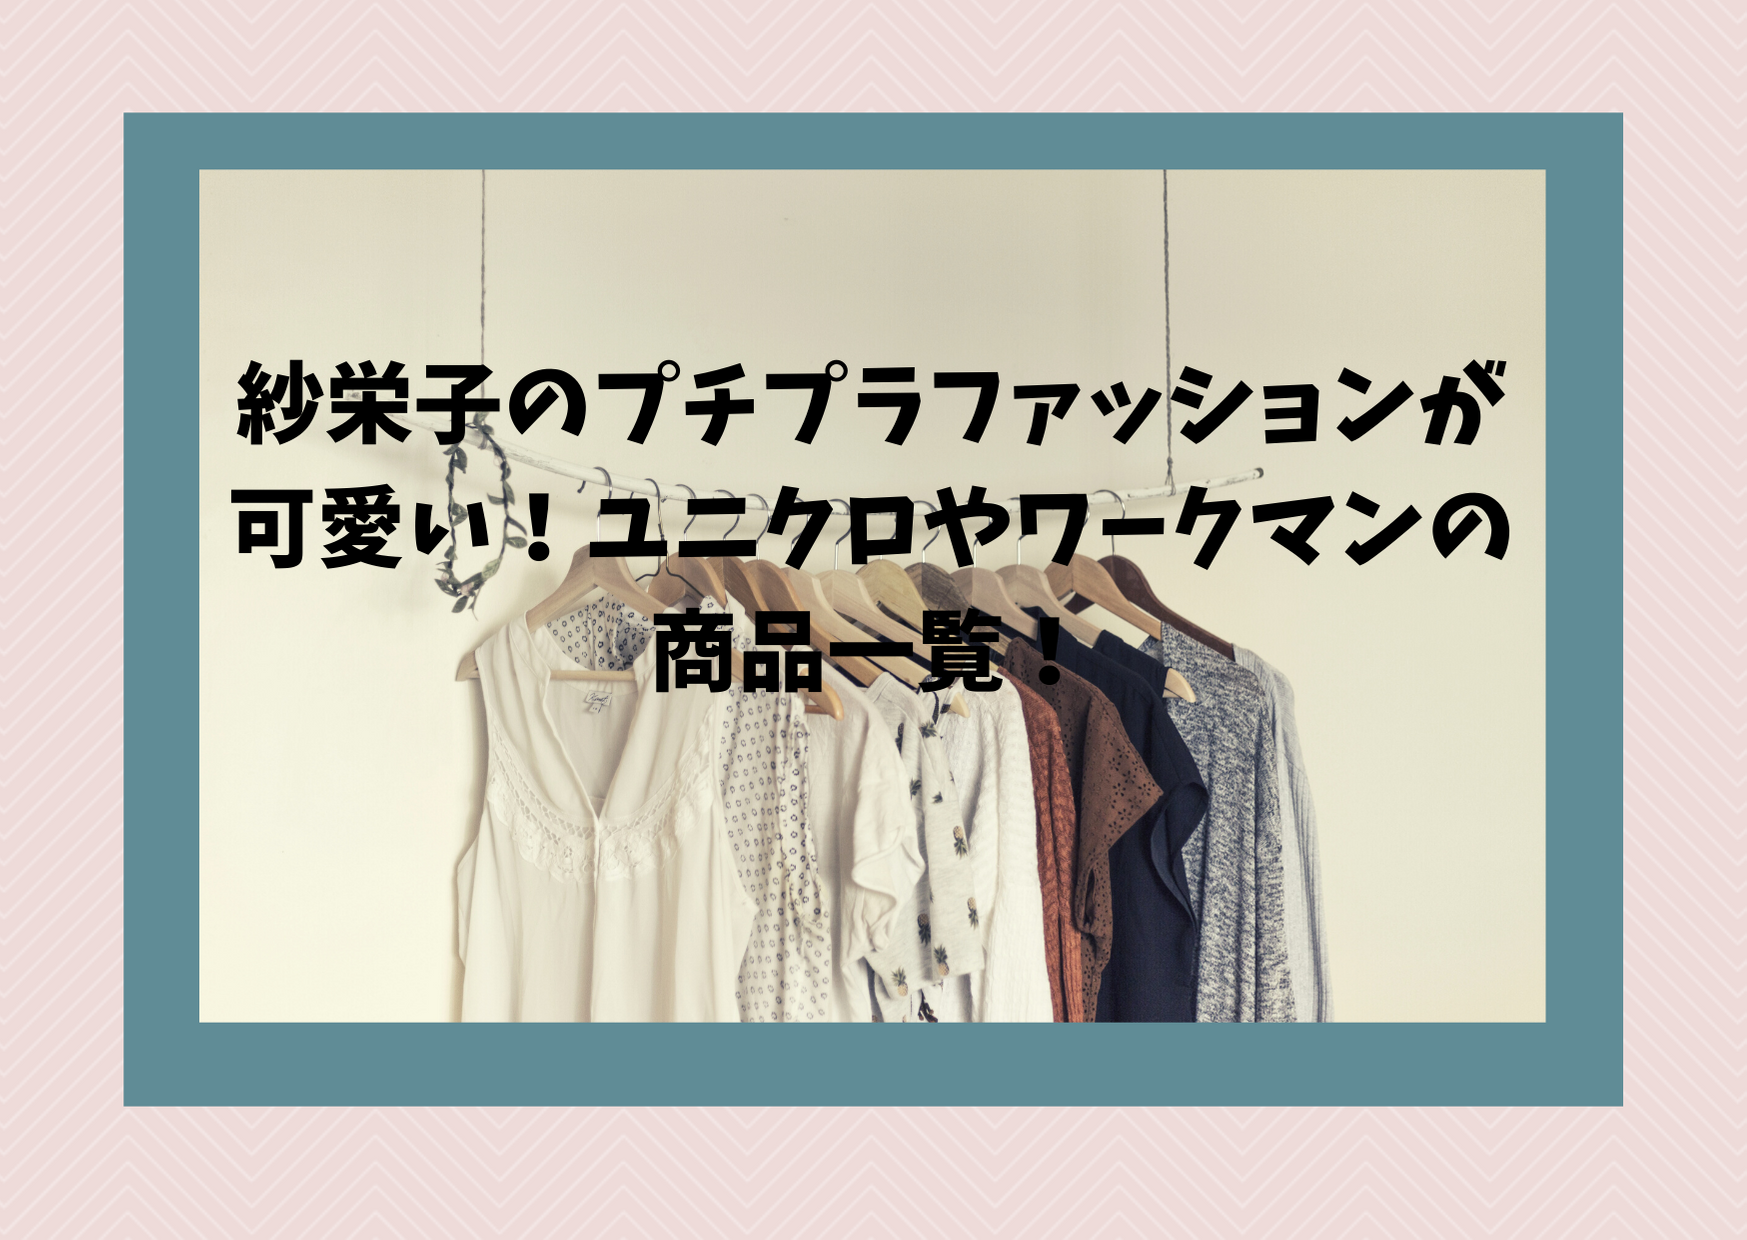 紗栄子のプチプラファッションが可愛い!ユニクロやワークマンの商品一覧!